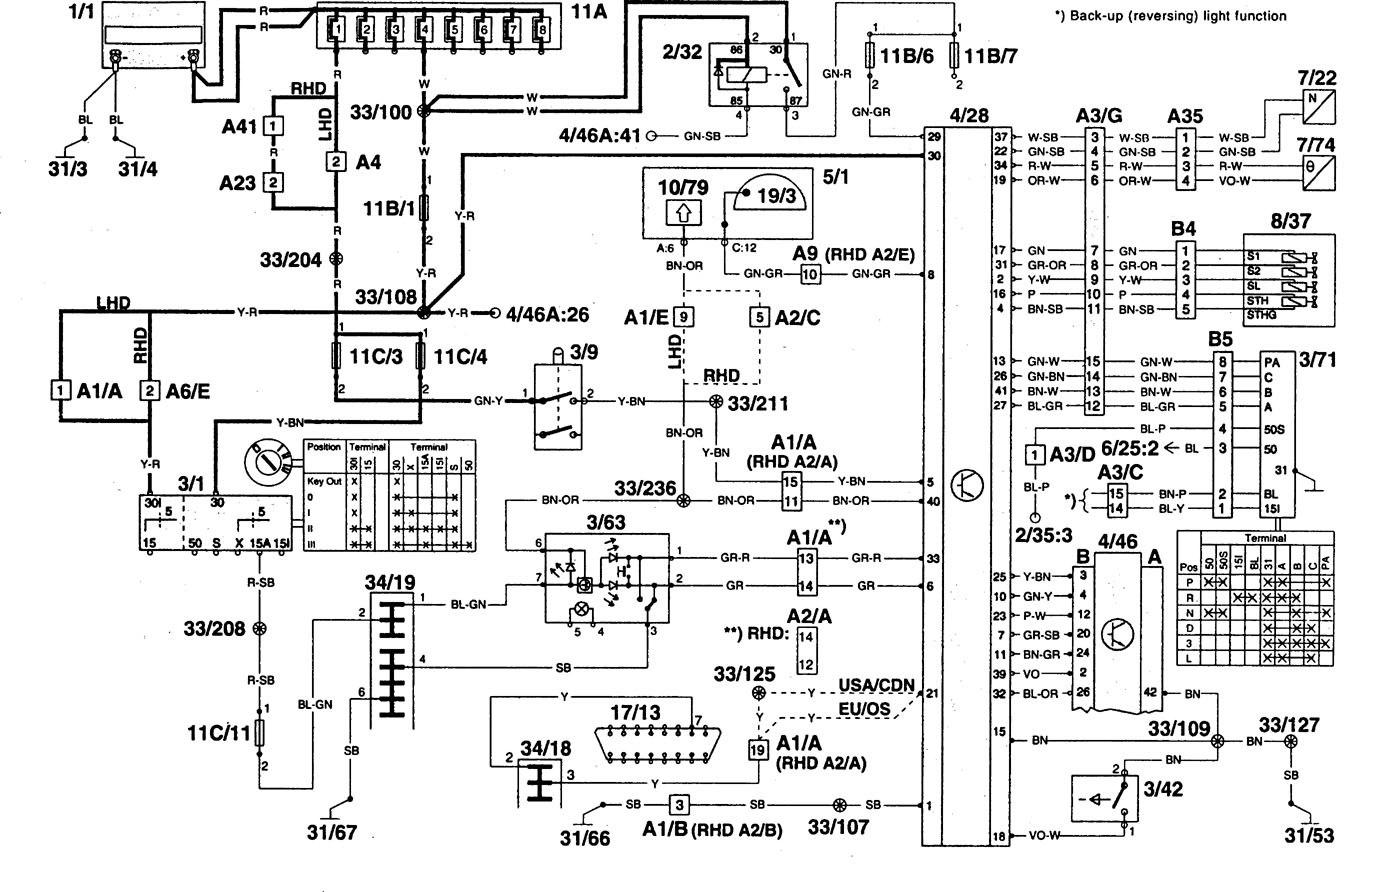 1995 Volvo 960 Wiring Diagram 2011 Nissan Xterra Engine Diagram For Wiring Diagram Schematics